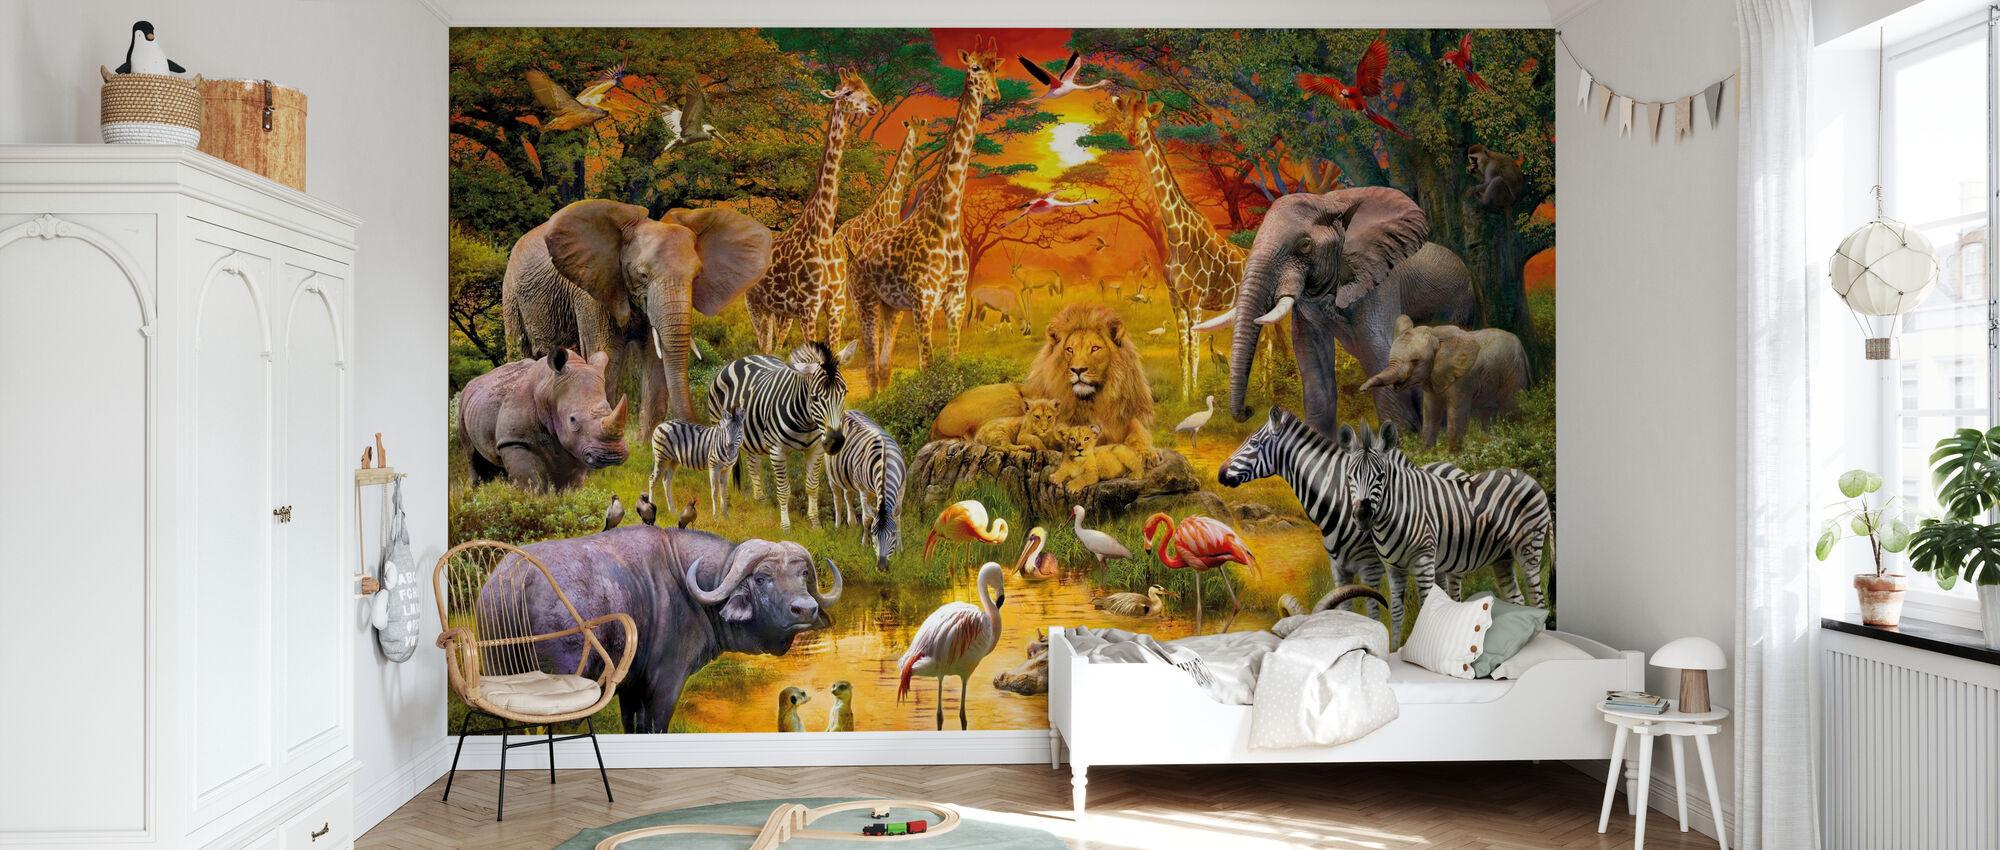 Afrikaanse harmonie - Behang - Kinderkamer